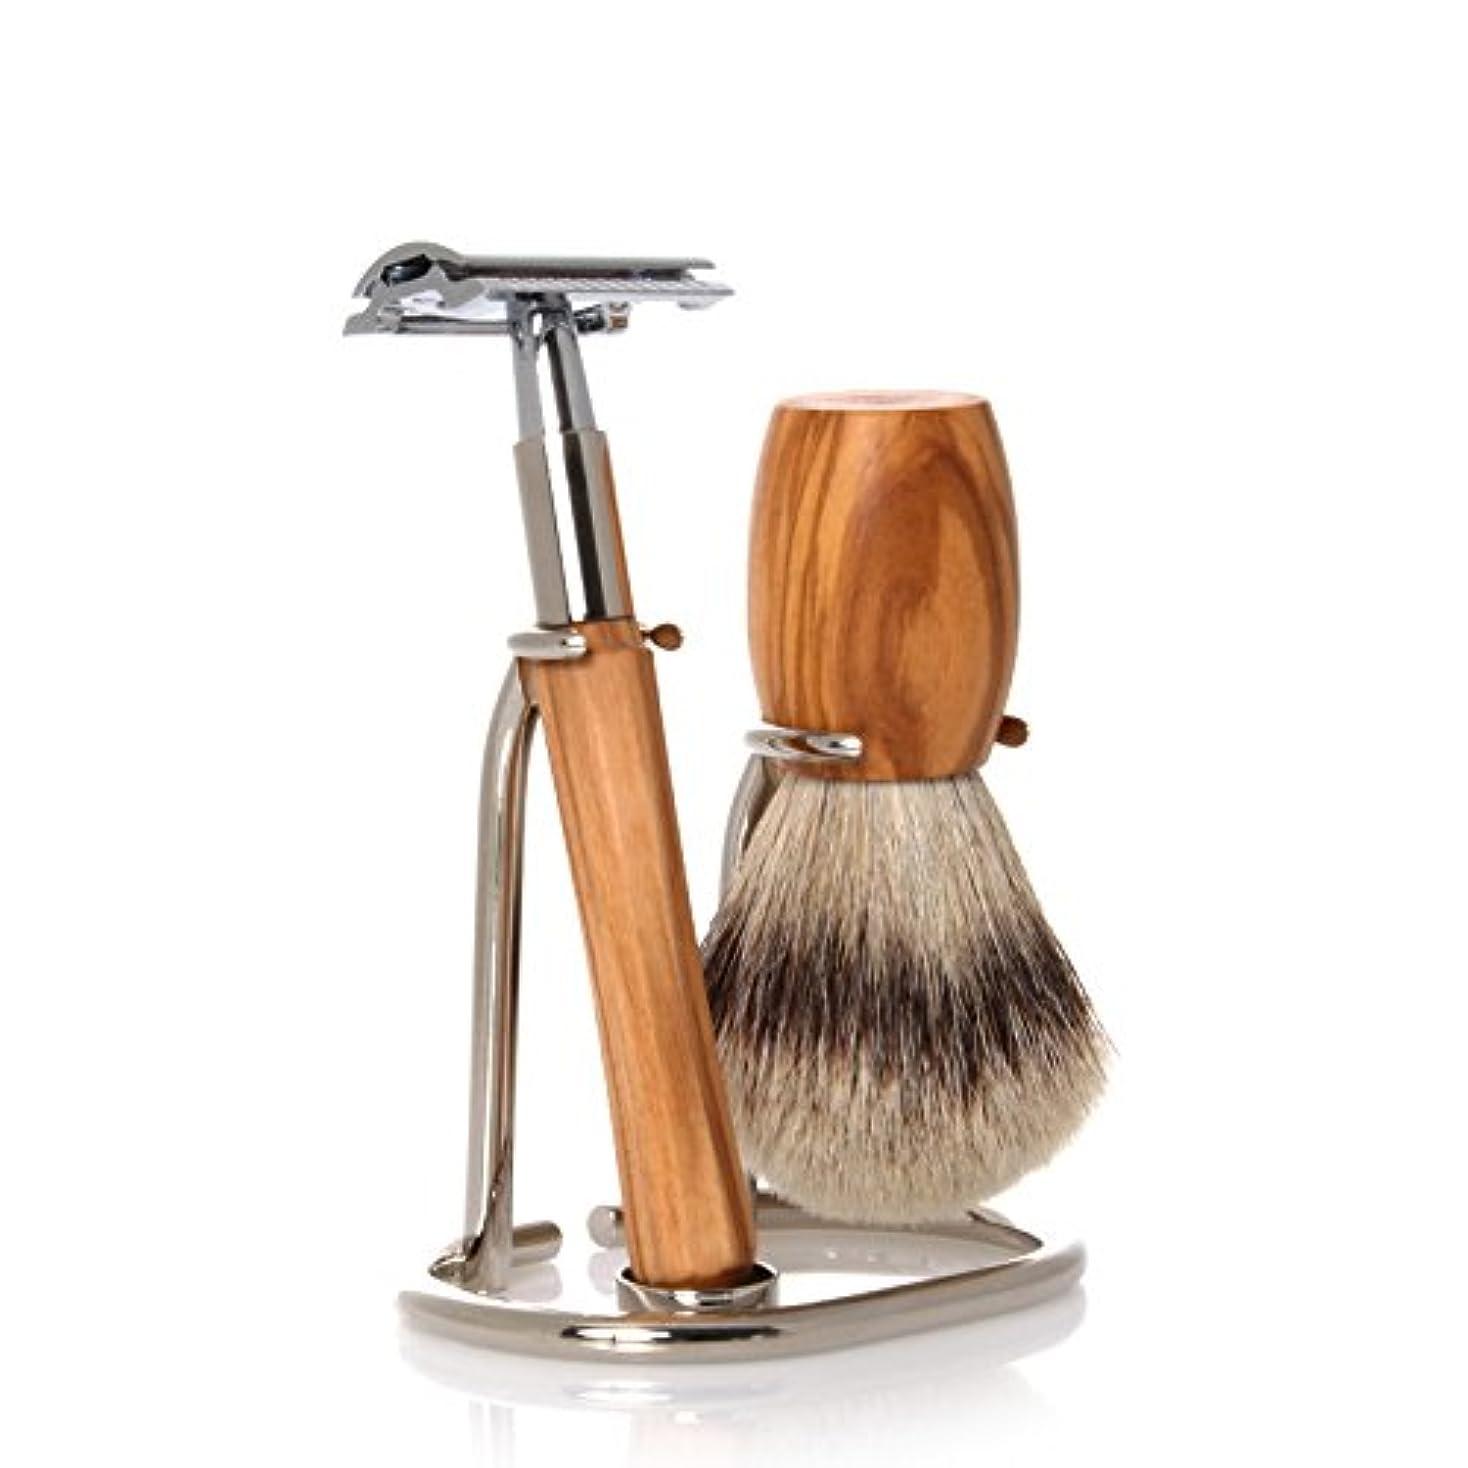 モンク大破スペクトラムGOLDDACHS Shaving Set, Safety razor, Silvertip, olive wood